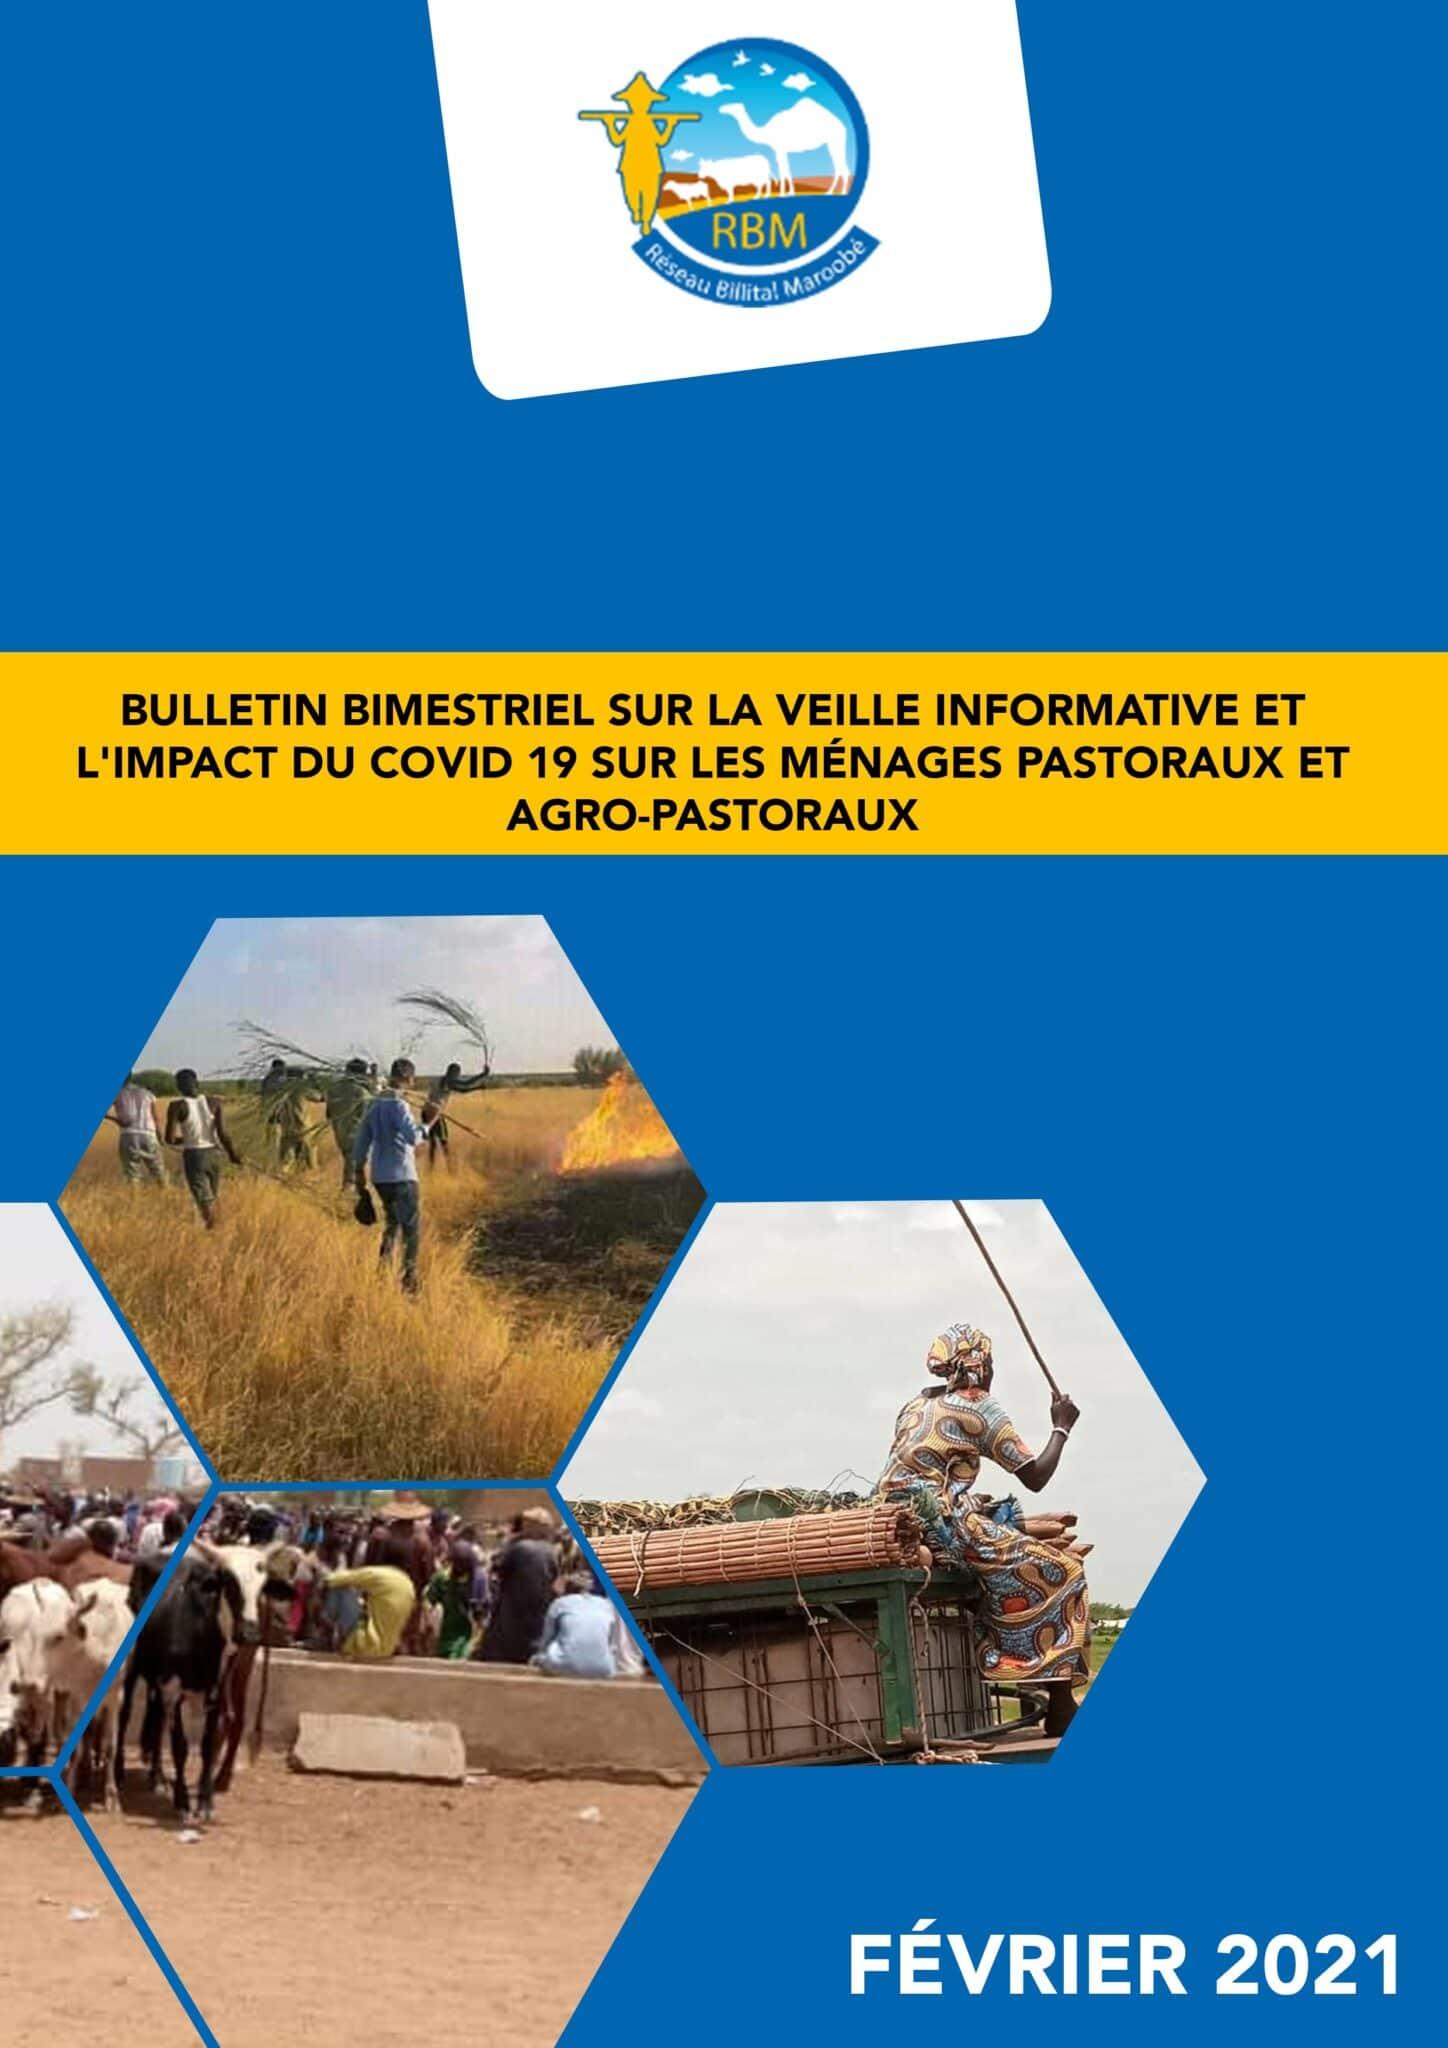 Bulletin bimestriel sur le suivi de l'impact de la pandémie de la COVID 19 Janvier Fevrier 2021